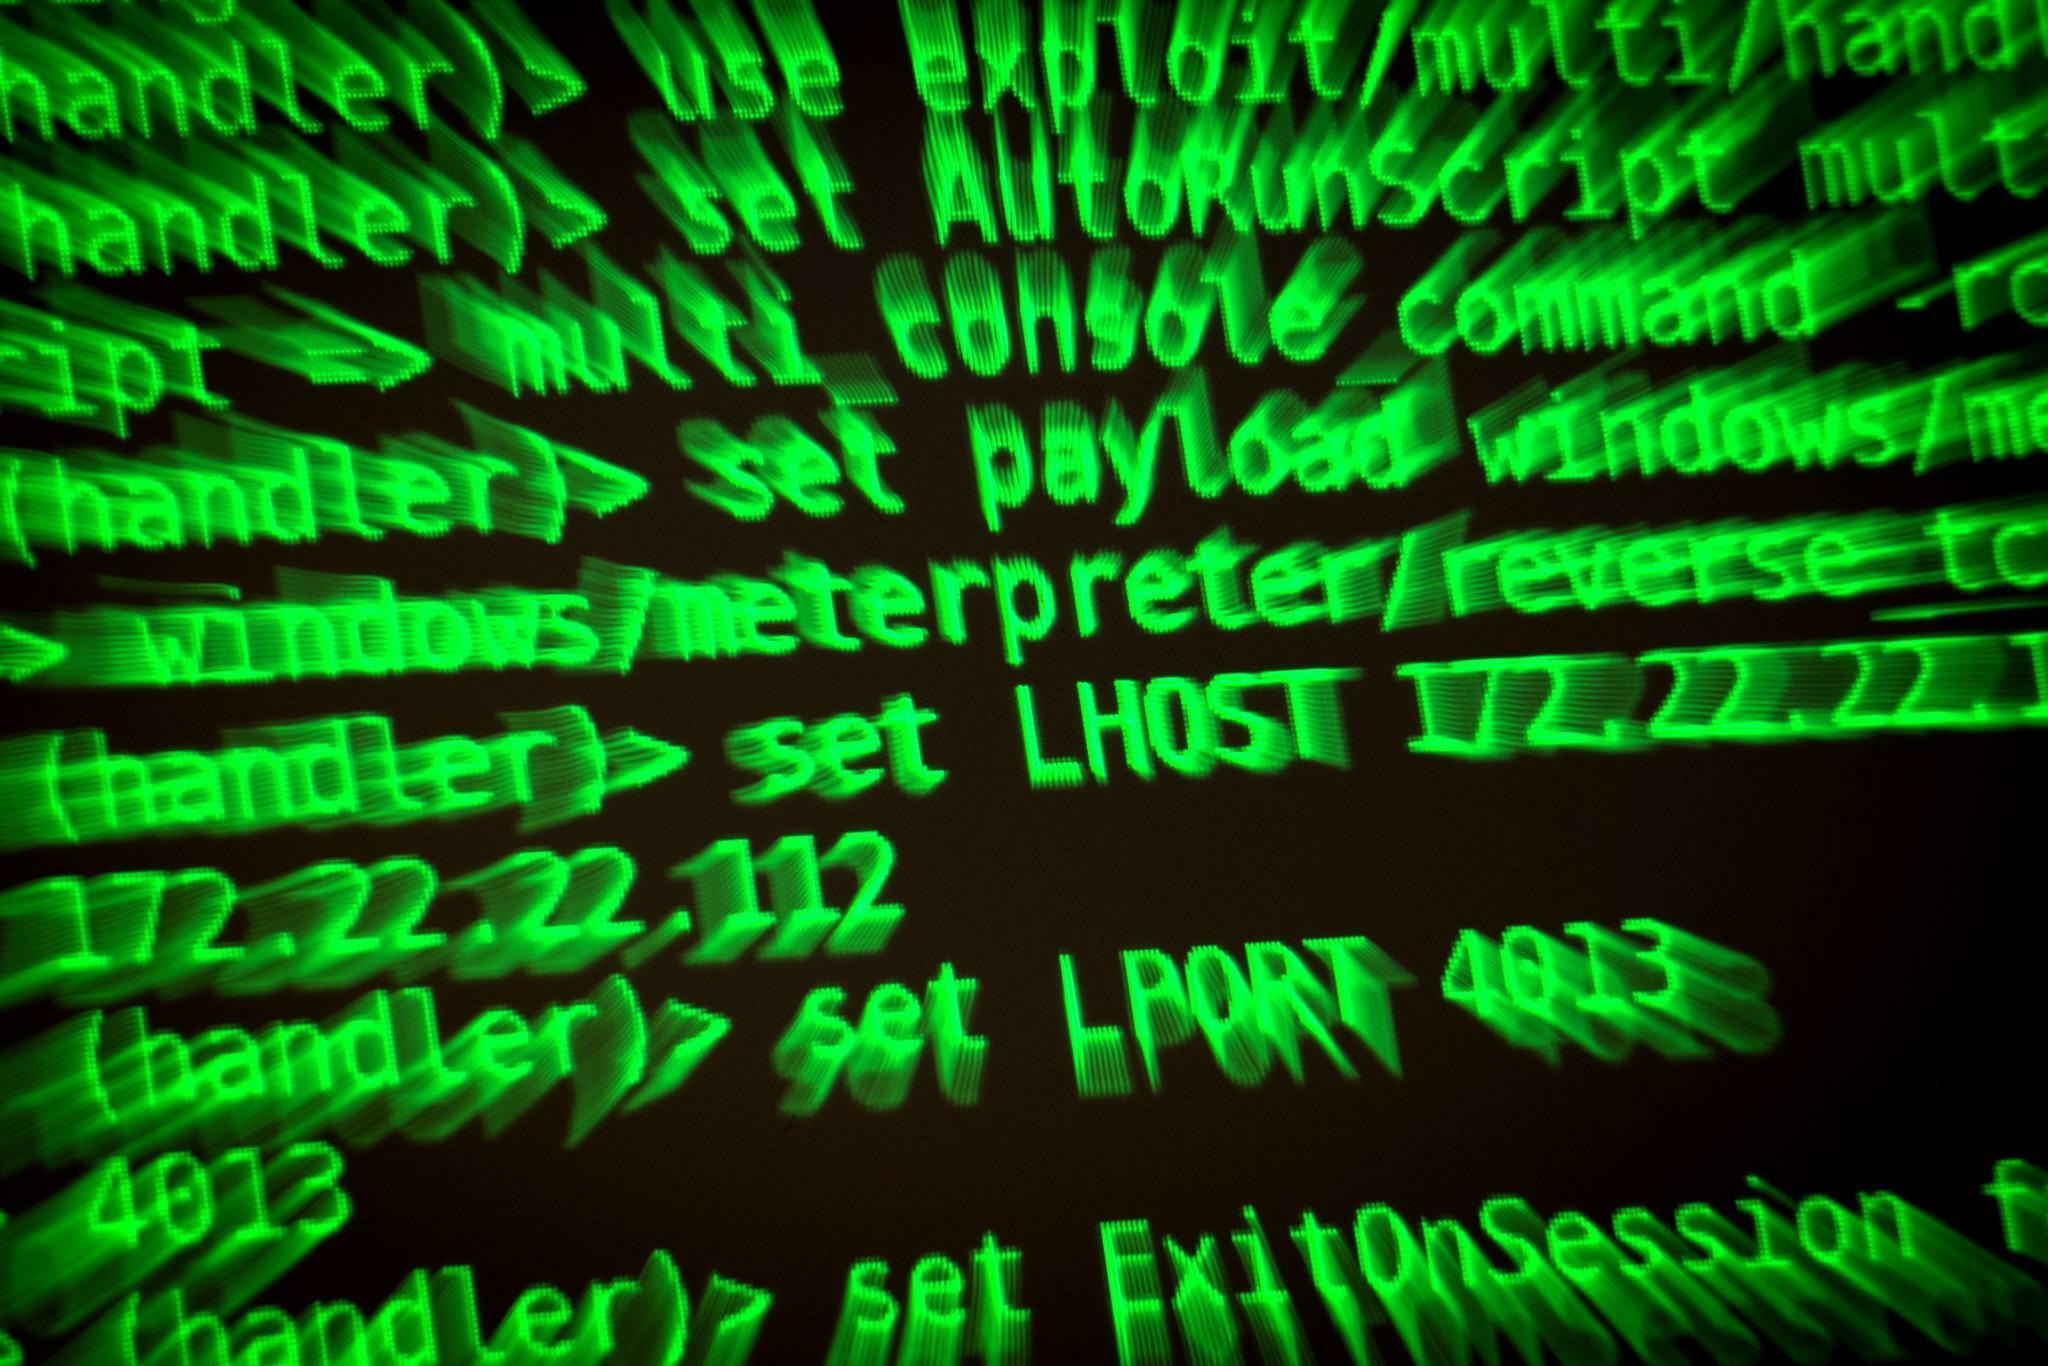 Schlag gegen Cybercrime: Deutsches Darknet-Zentrum ausgehoben